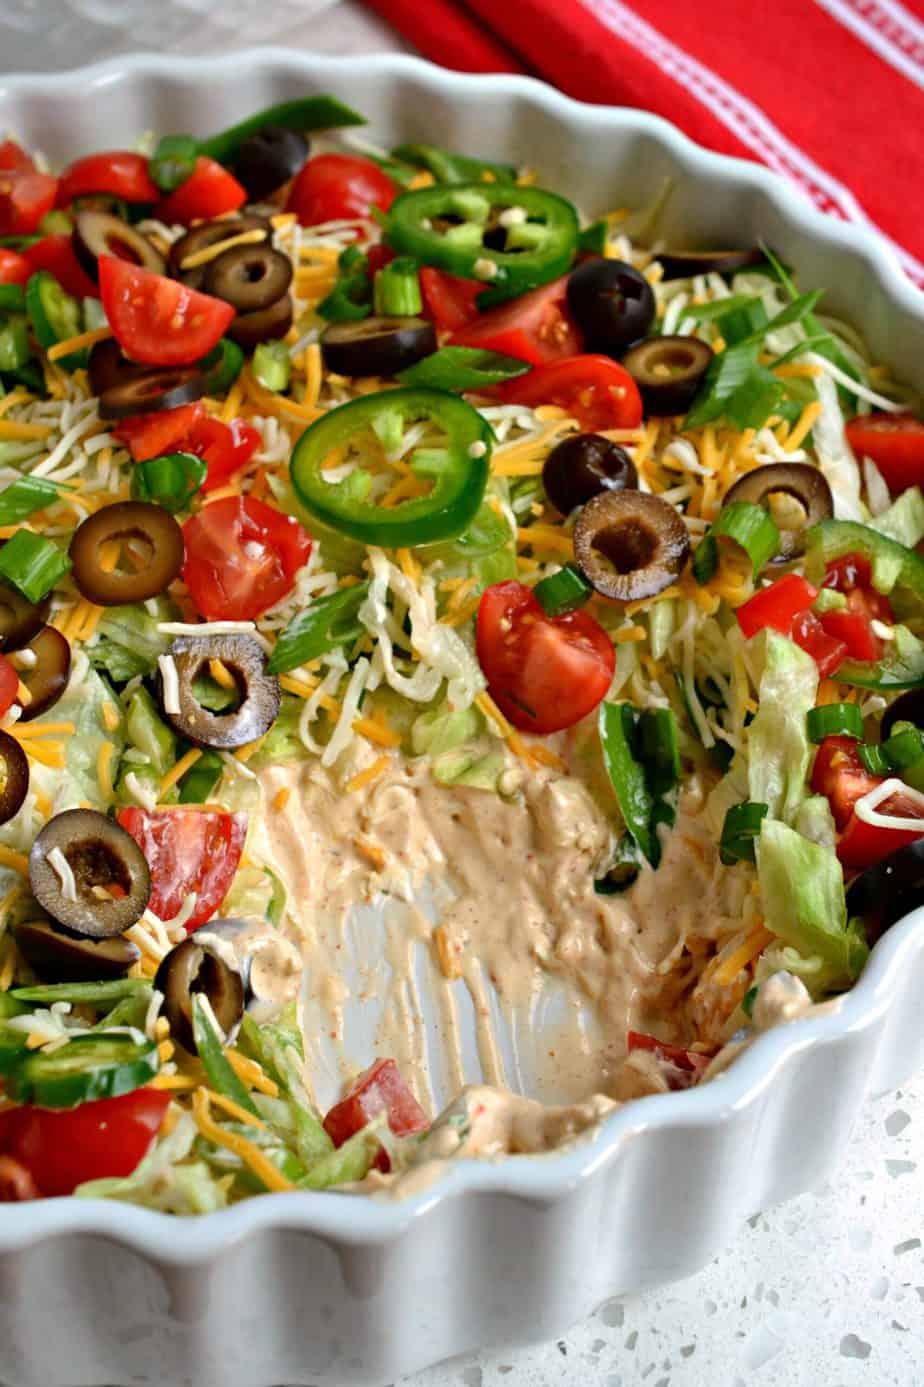 Dieser Taco Dip ist immer ein großer Erfolg bei Potlucks, Familientreffen und Weihnachtsfeiern.